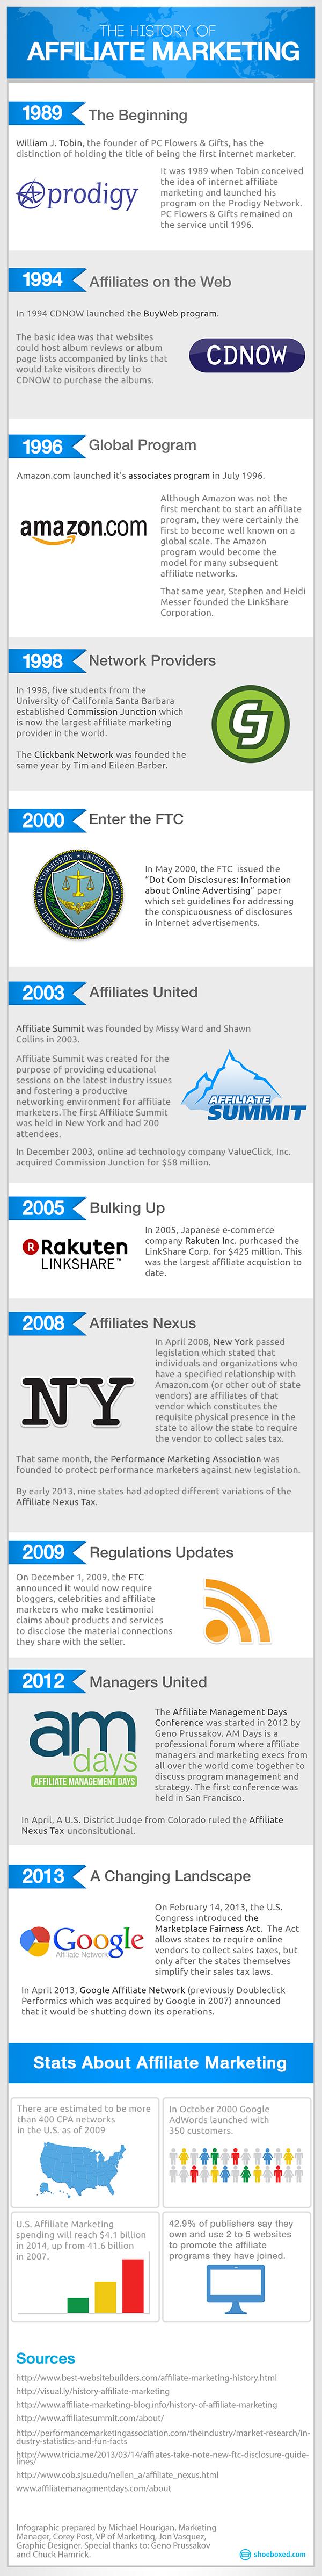 shoeboxed_affiliate_marketing_infographic